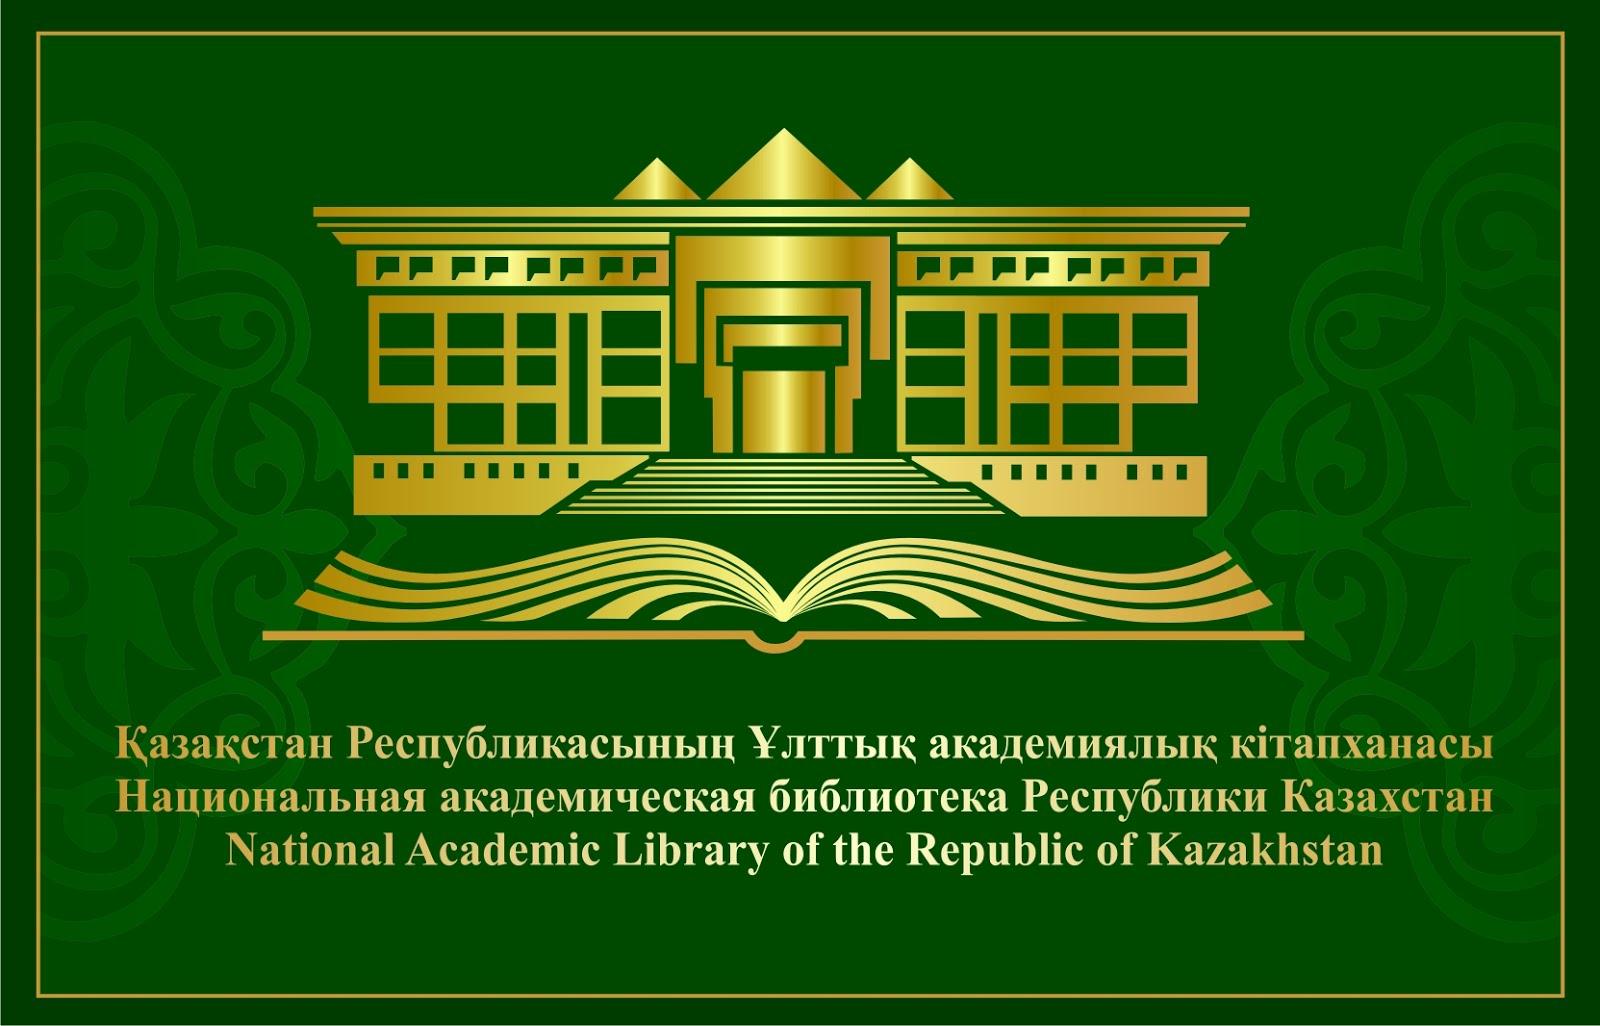 Сайт национальной академической библиотеки РК